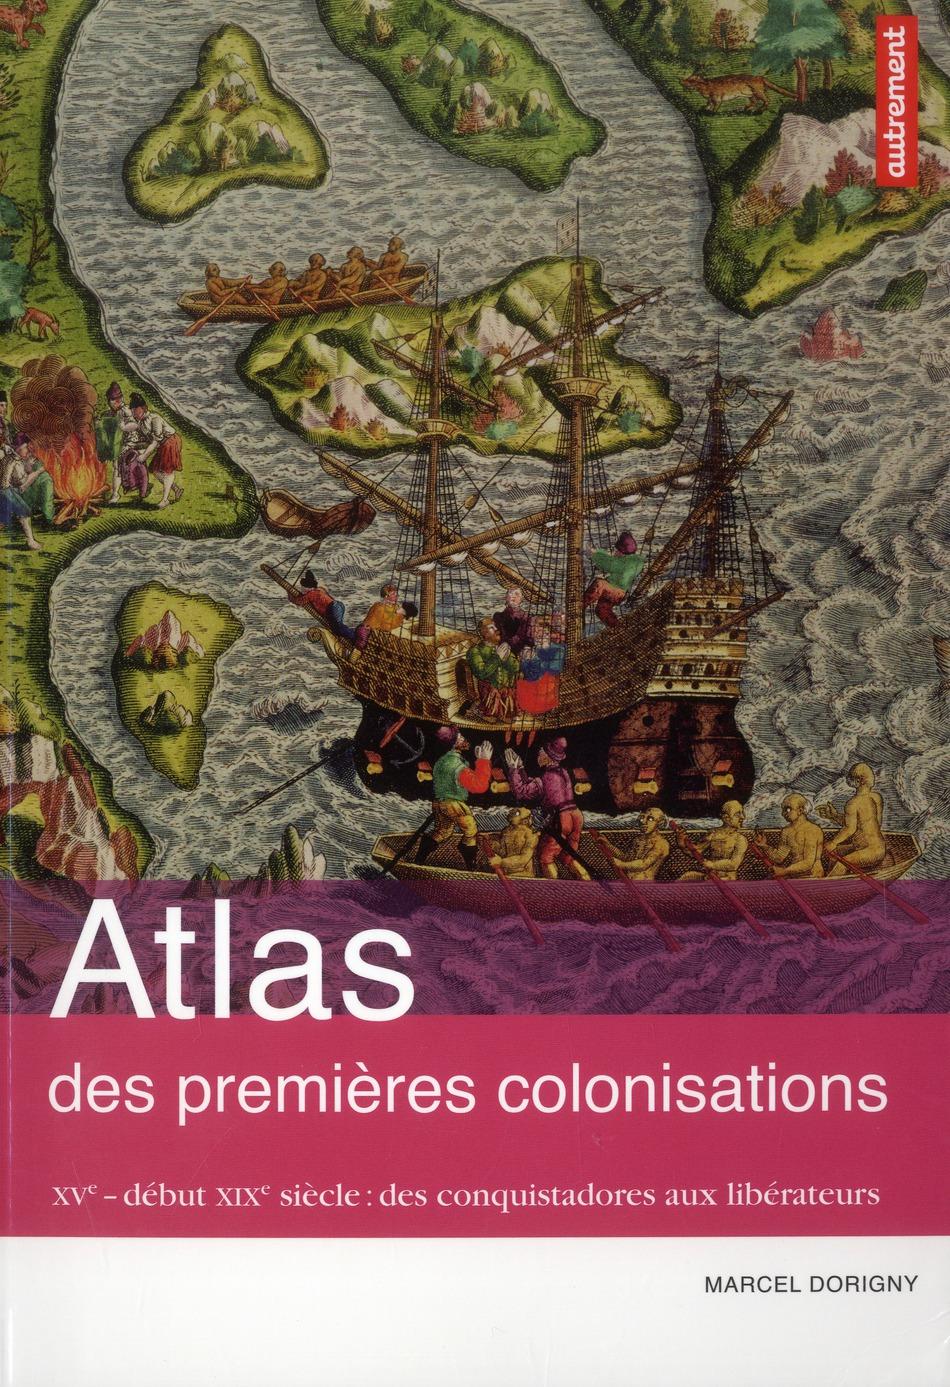 Atlas des premieres colonisations